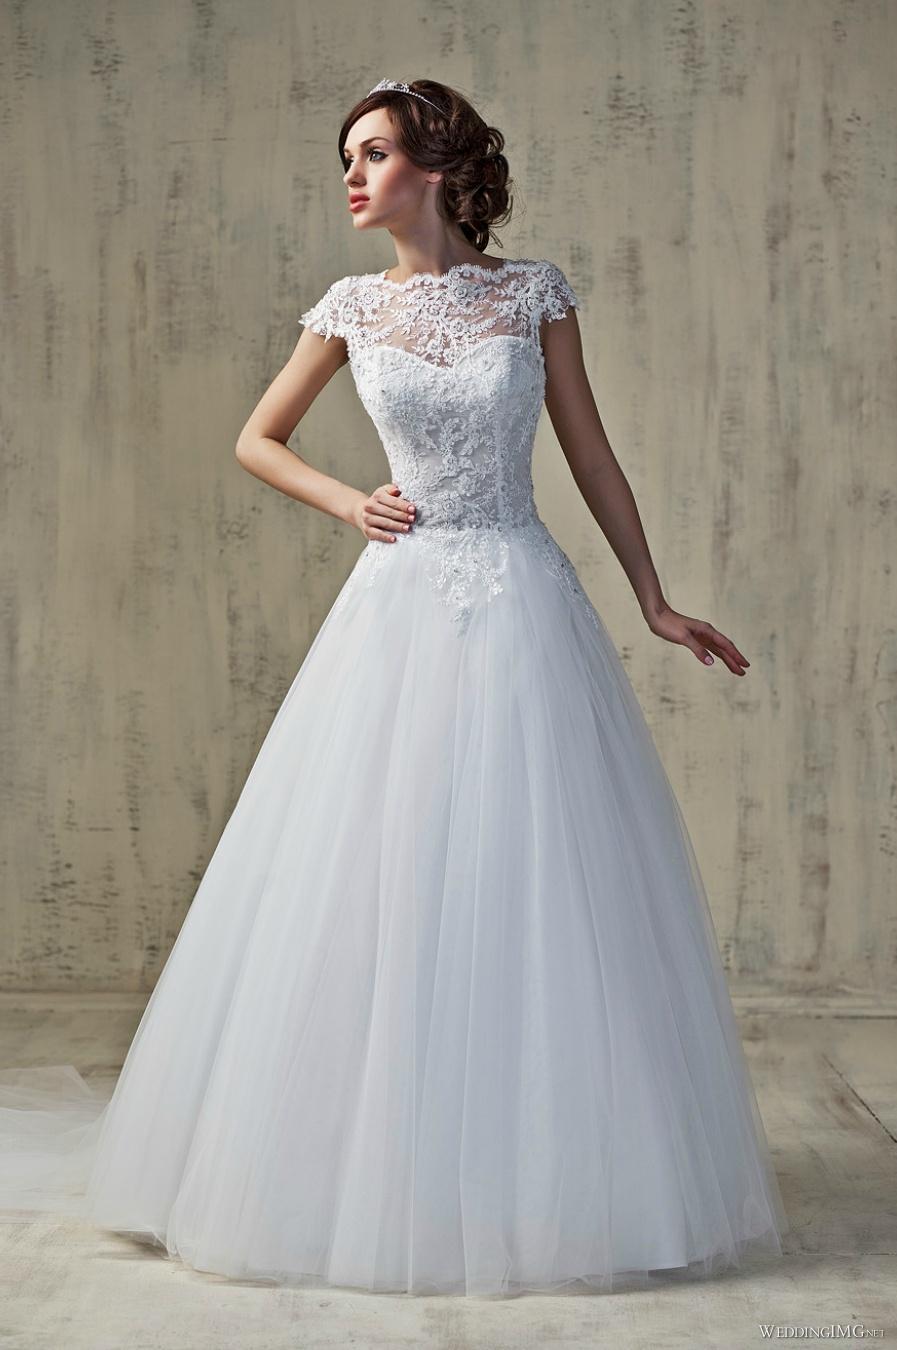 Výpredaj svadobných šiat - Obrázok č. 4